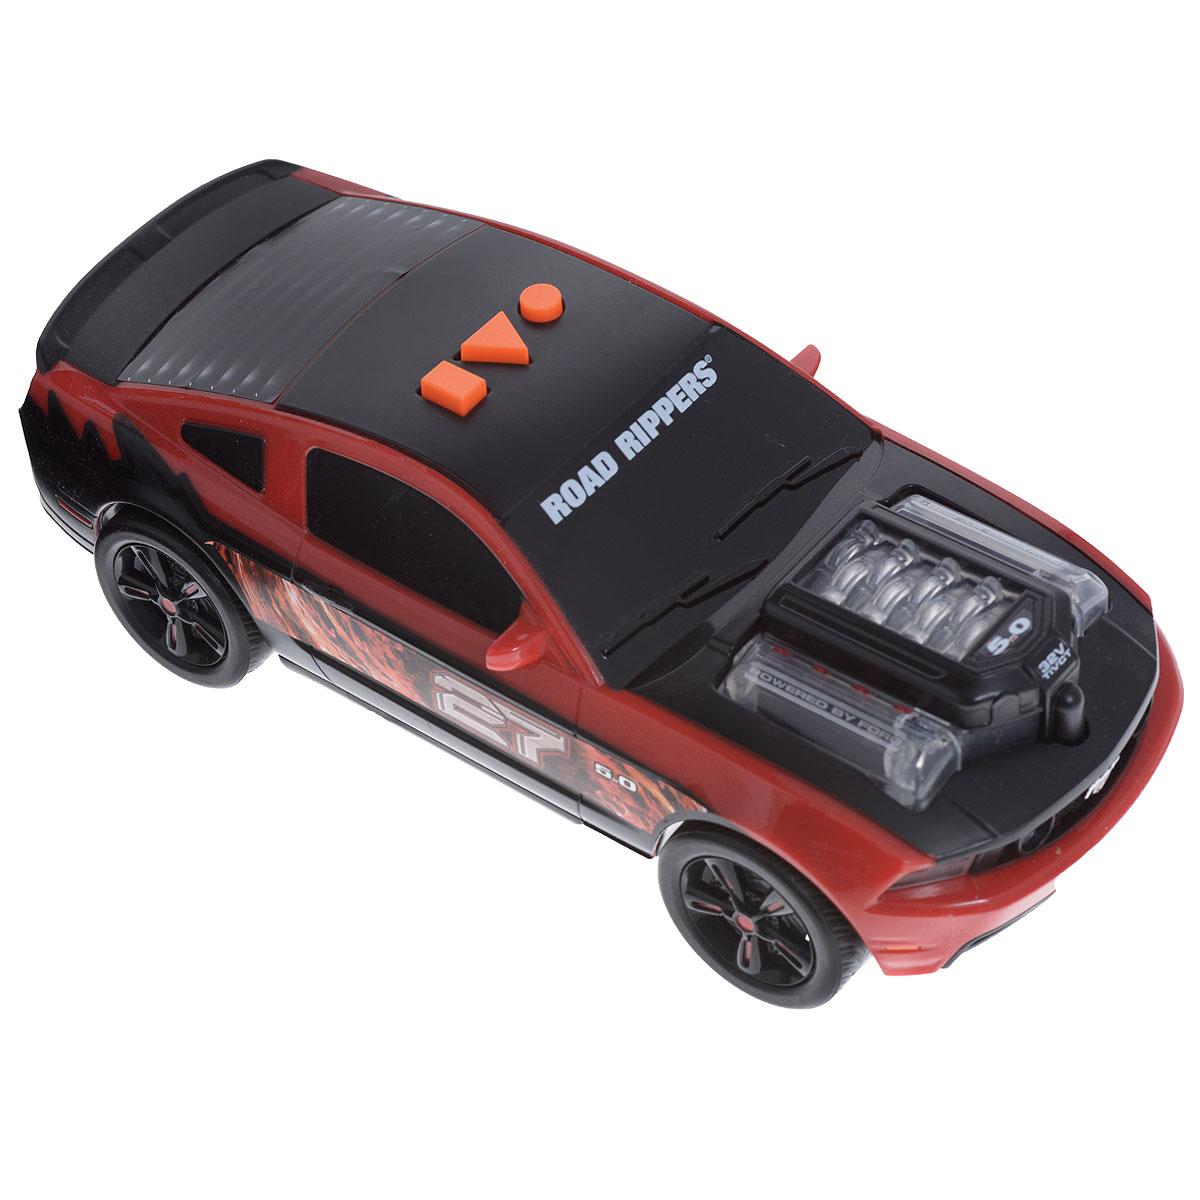 Машинка Road Rippers Lighting Rods, цвет: красный, черный33480TSЯркая машинка Road Rippers Lighting Rods со звуковыми эффектами, несомненно, понравится вашему ребенку и не позволит ему скучать. Игрушка выполнена в виде яркой гоночной машины. При нажатии на кнопки, расположенные на крыше, воспроизводятся звуки двигателя, автомобильной сигнализации и играет музыка, а двигатель машины и фары начинают светиться разноцветными огоньками. Ваш ребенок часами будет играть с машинкой, придумывая различные истории и устраивая соревнования. Порадуйте его таким замечательным подарком! Рекомендуется докупить 3 батарейки напряжением 1,5V типа AА (товар комплектуется демонстрационными).